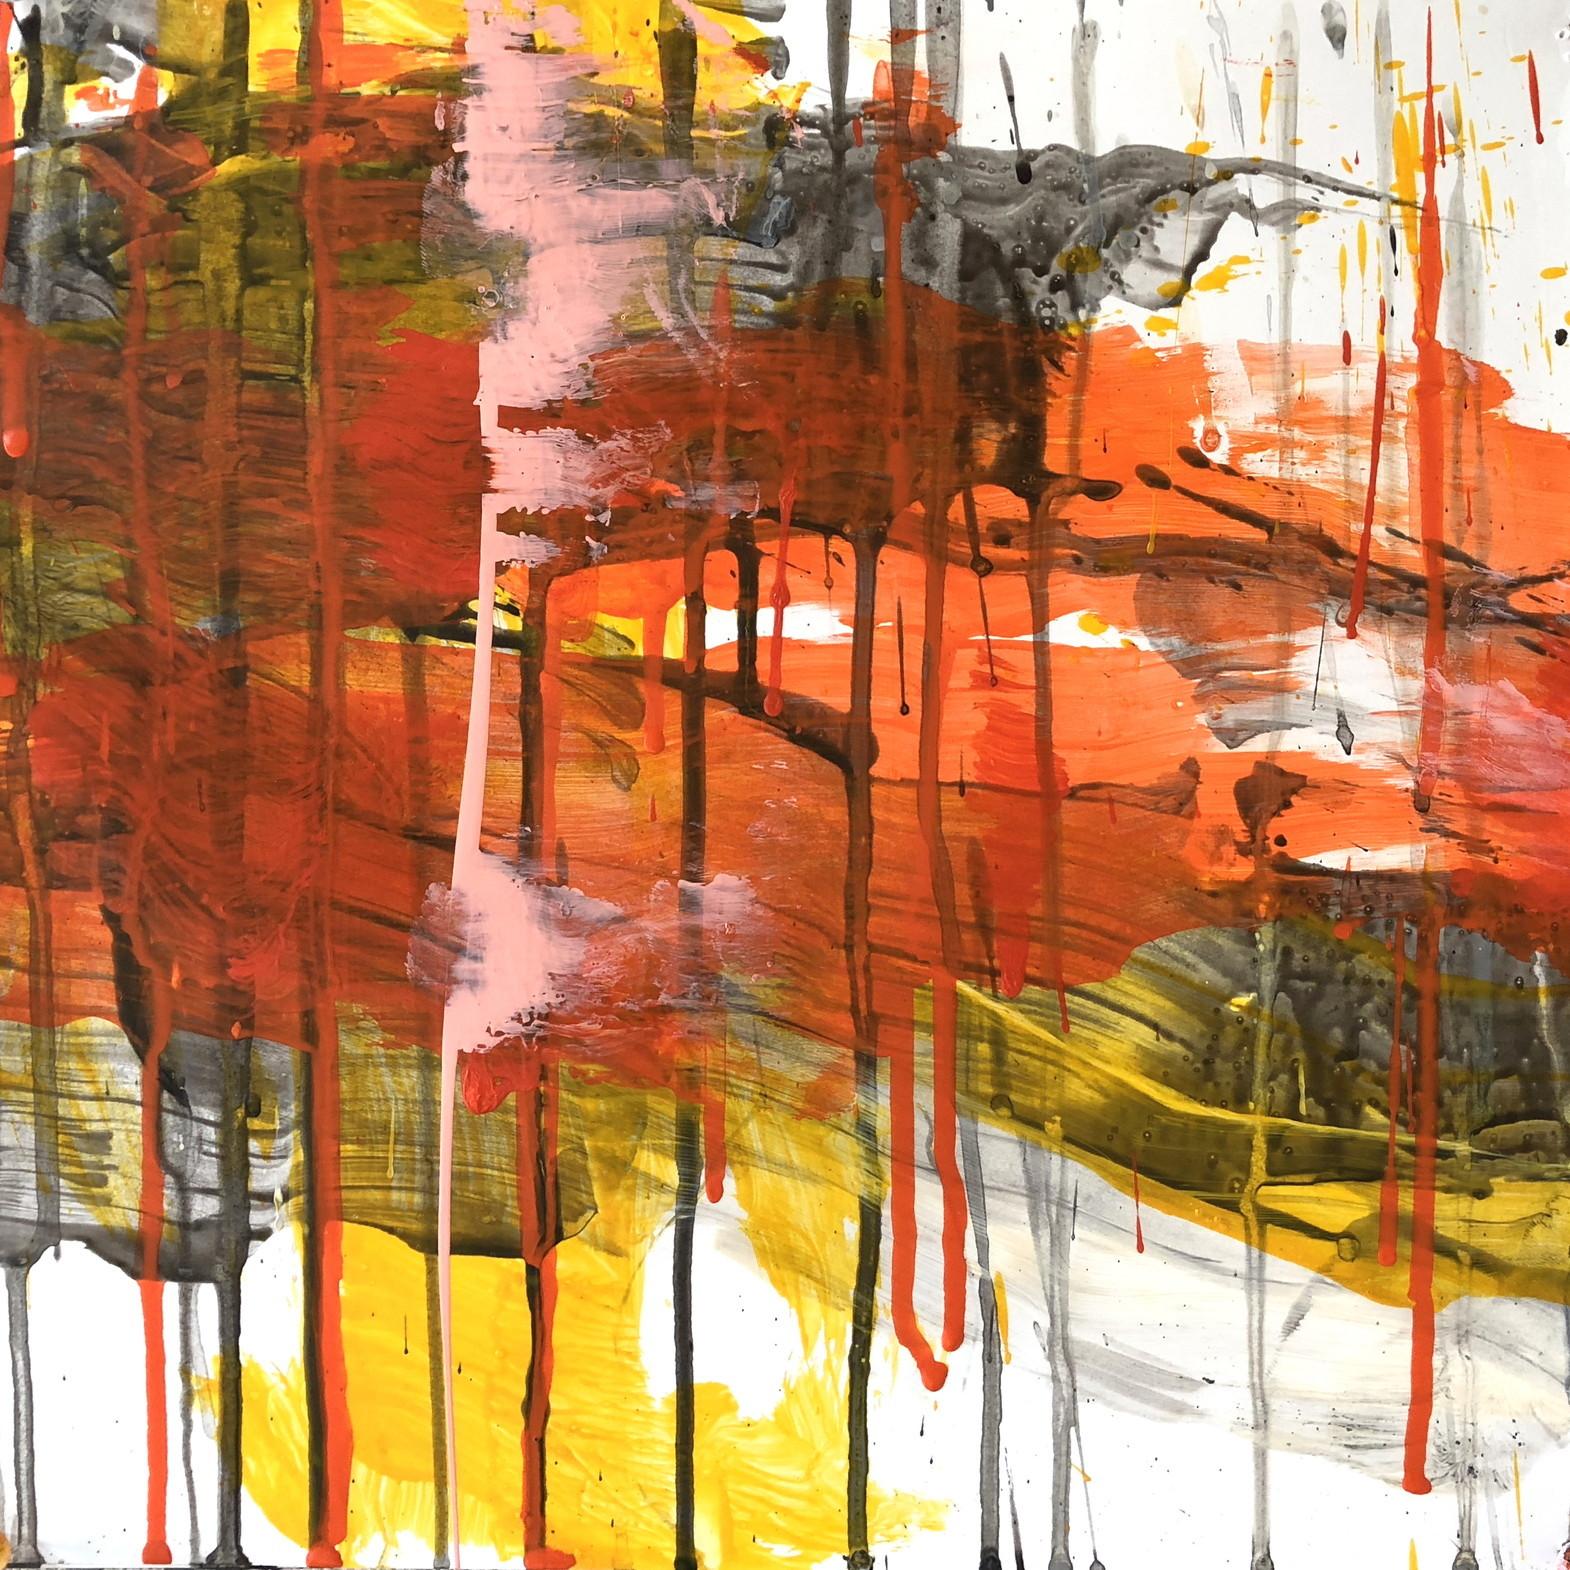 絵画 インテリア アートパネル 雑貨 壁掛け 置物 おしゃれ 抽象画 現代アート ロココロ 画家 : tamajapan 作品 : t-37